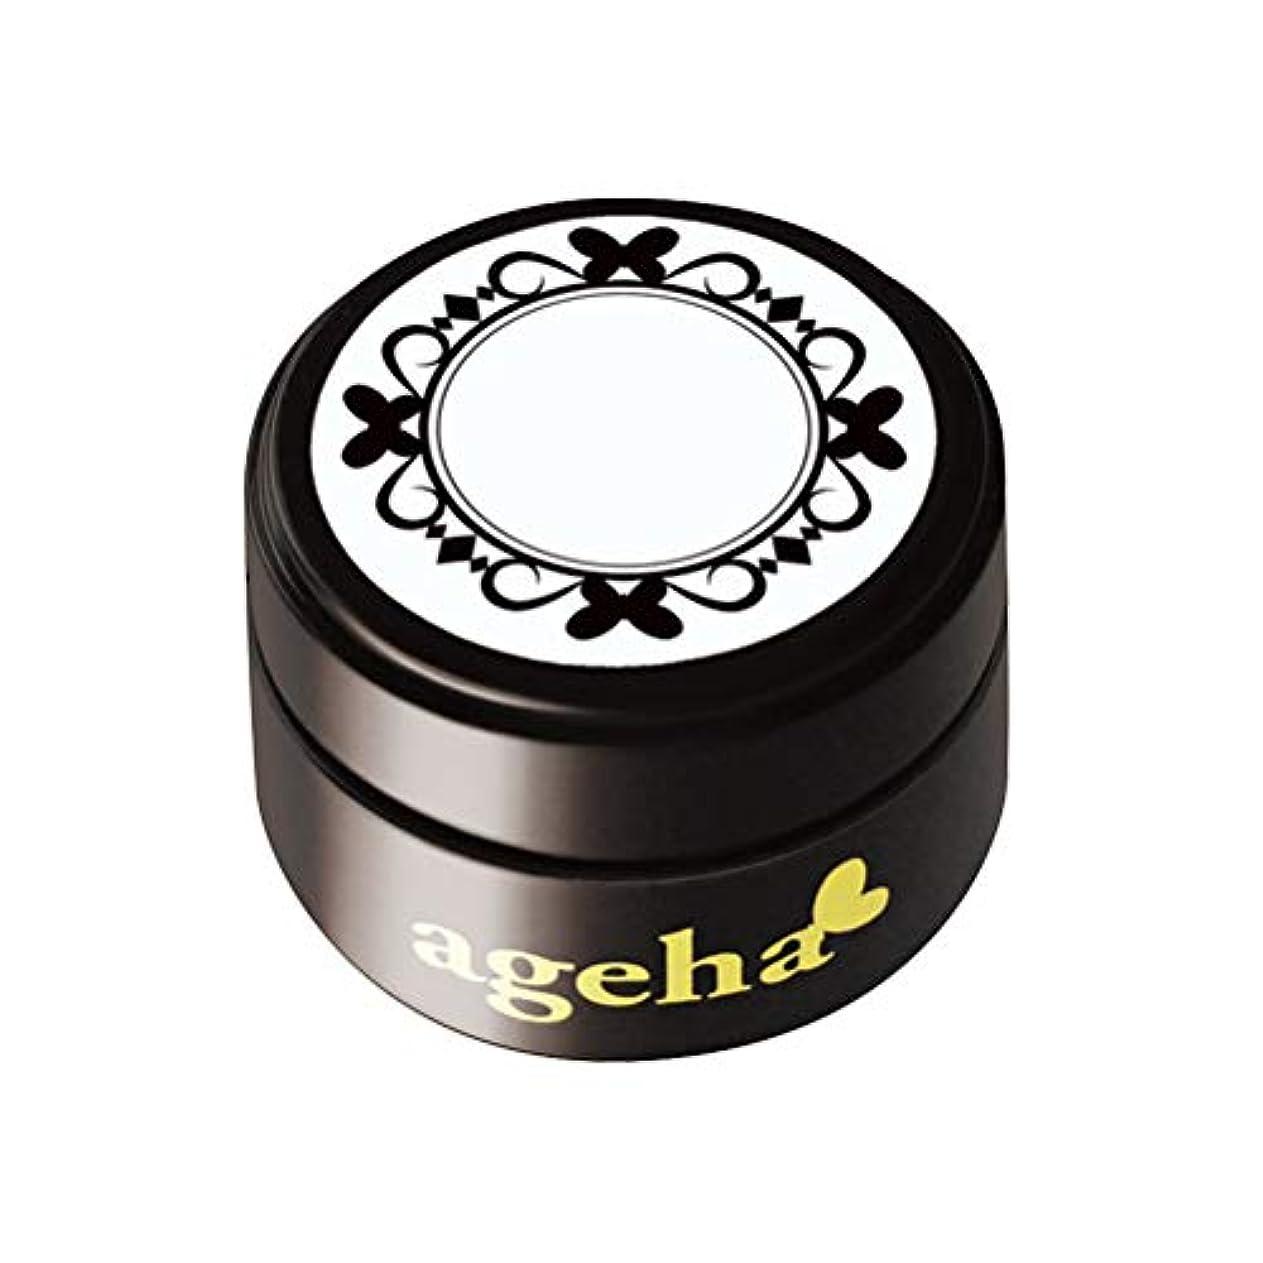 クリーナー誇張振幅ageha カラージェル コスメカラー ホワイトグラデ シアー 2.7g UV/LED対応